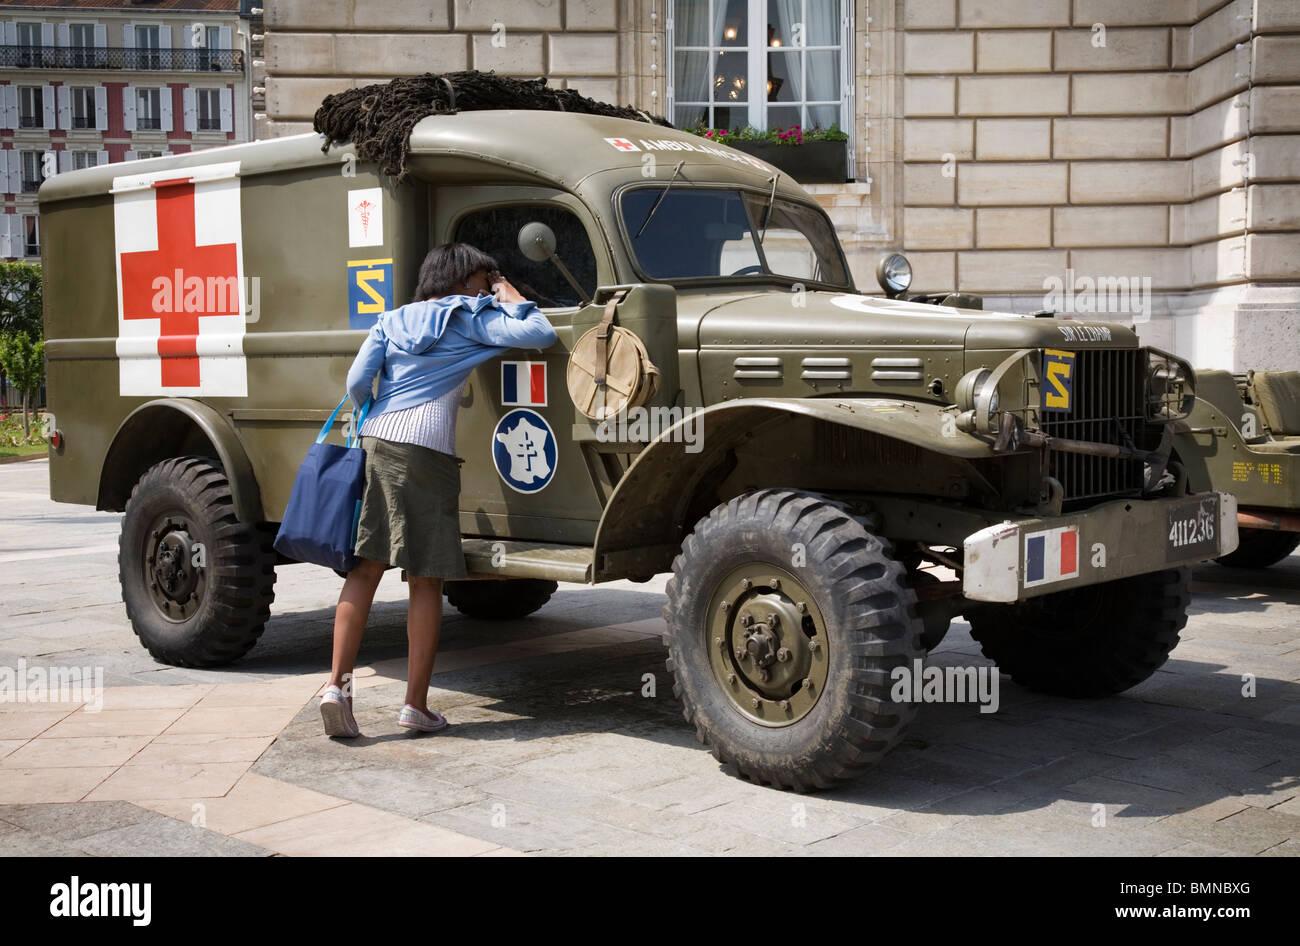 A woman checking a WW2 vintage Ambulance, Paris - Stock Image